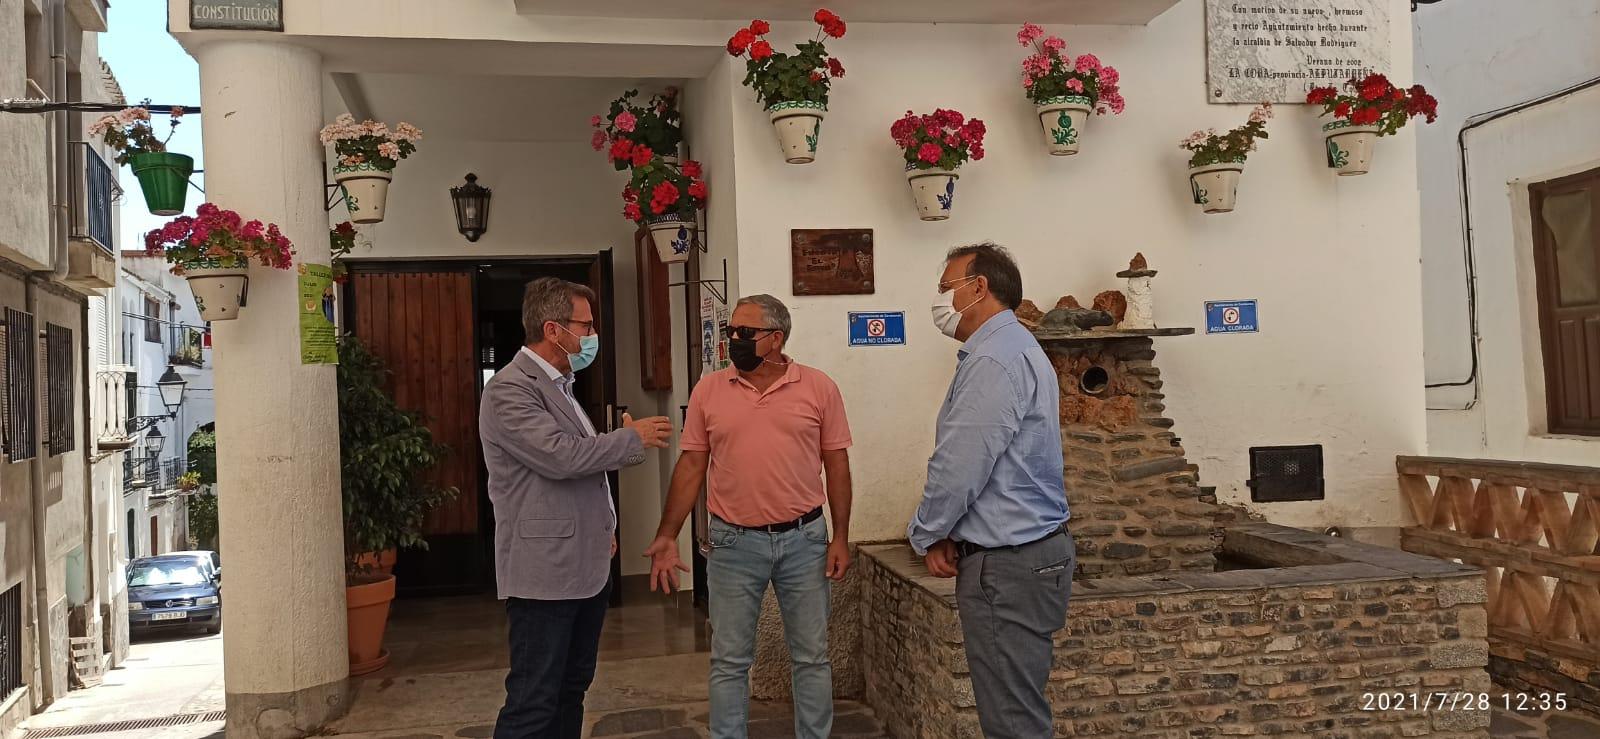 Turismo invierte 59.900 euros en la mejora del Centro de Interpretación de la Brujería de Soportújar